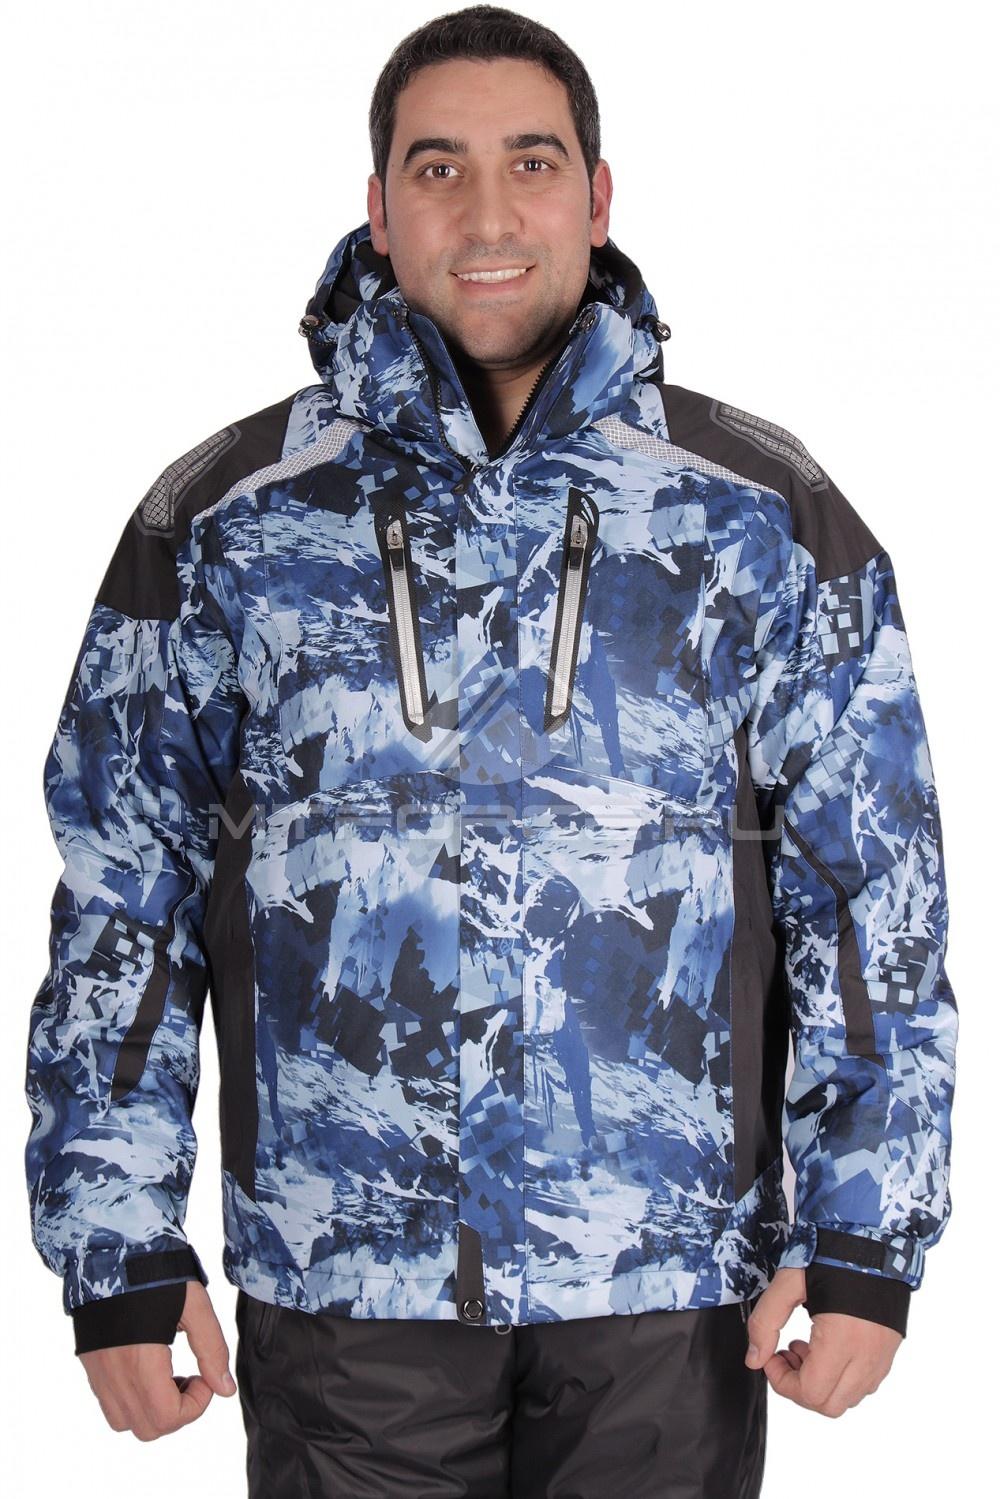 Купить                                  оптом Куртка горнолыжная мужская синего цвета 1552-1S